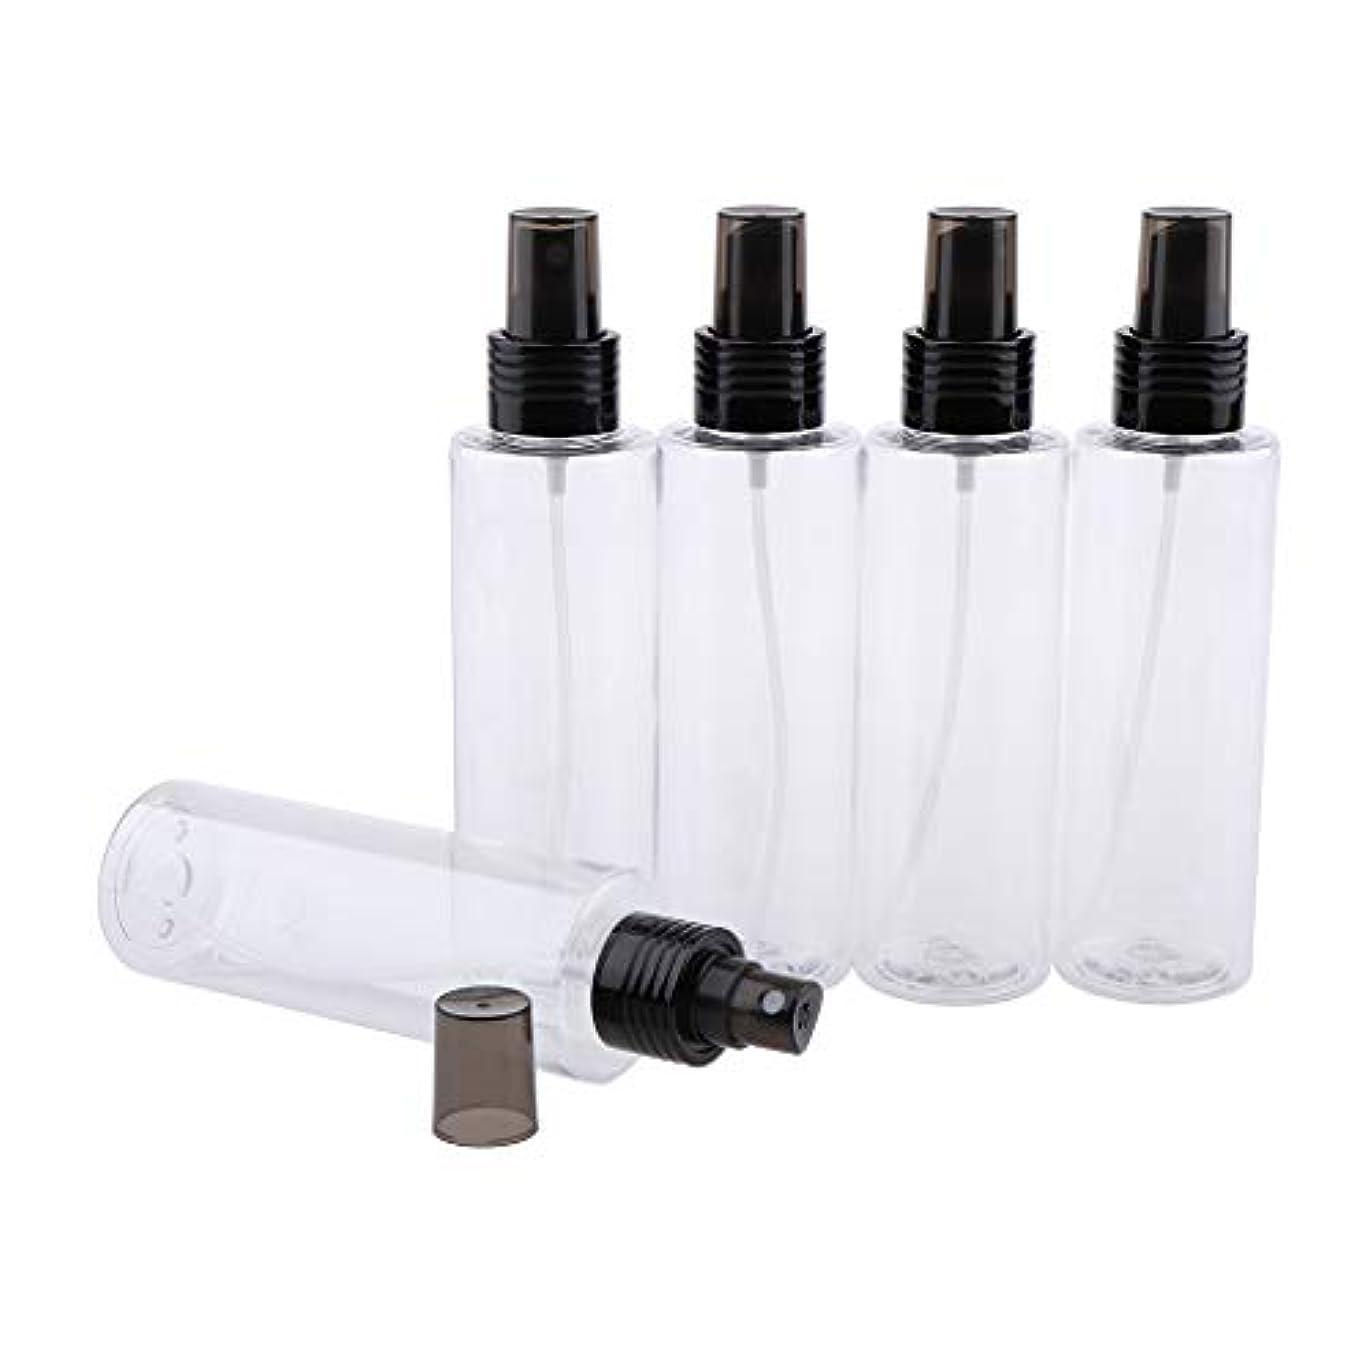 パートナープロット平行FutuHome 5ピース旅行ボトル空のクリアプラスチックファインミストスプレーボトル用クリーニング、旅行、精油、香水 - 150ML